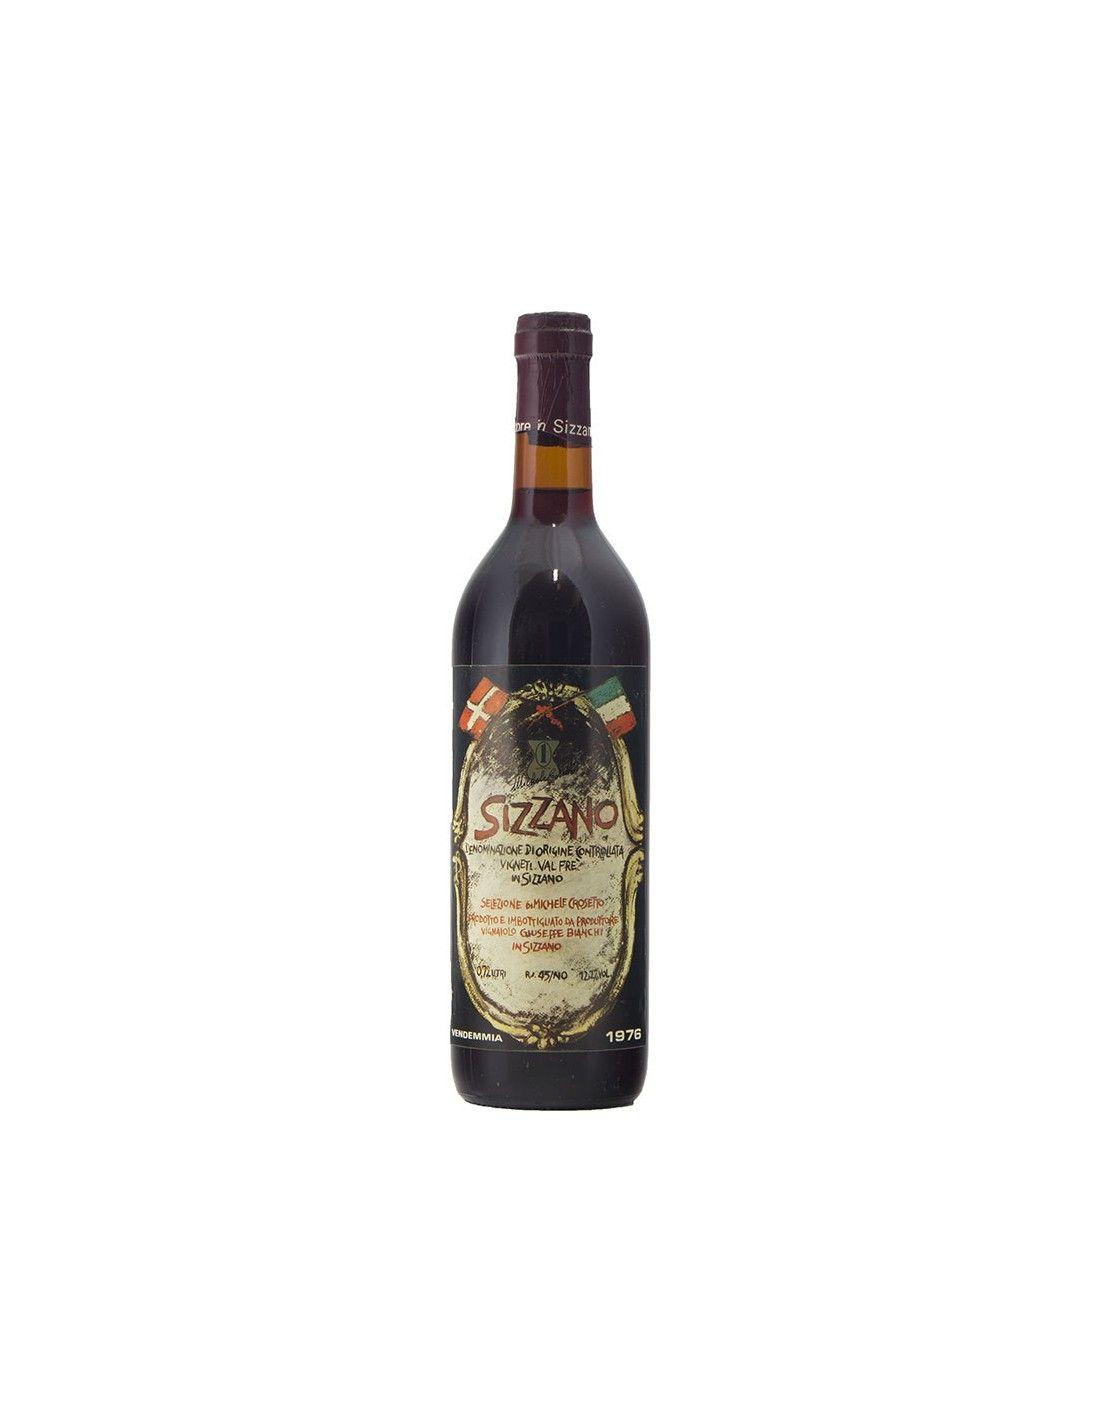 SIZZANO 1976 BIANCHI GIUSEPPE Grandi Bottiglie